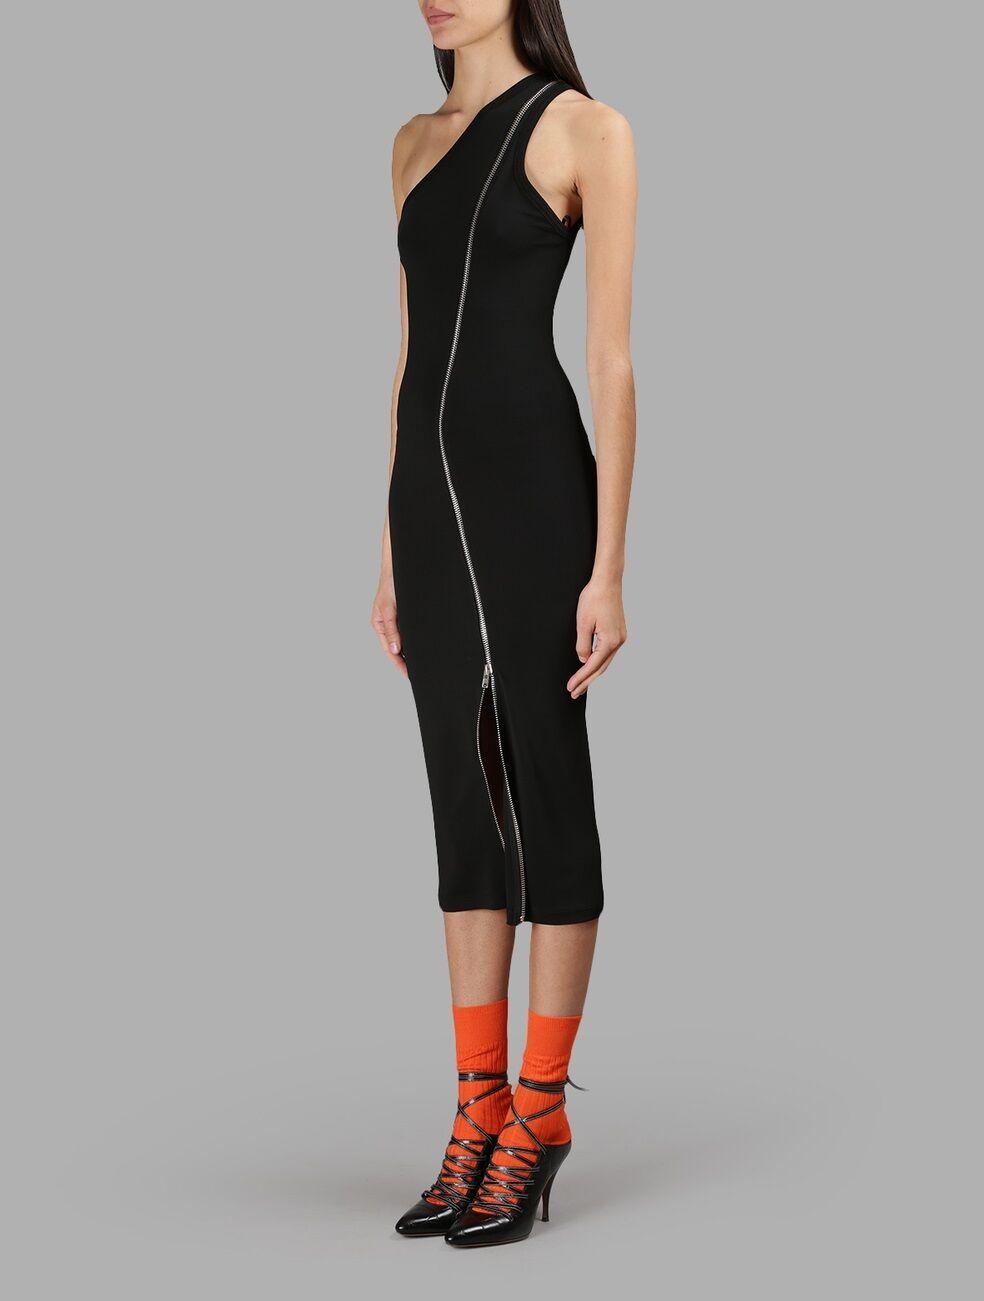 Givenchy One Shoulder Shoulder Shoulder Zip Detailed Stretch Jersey Dress  1945 e2e4d6